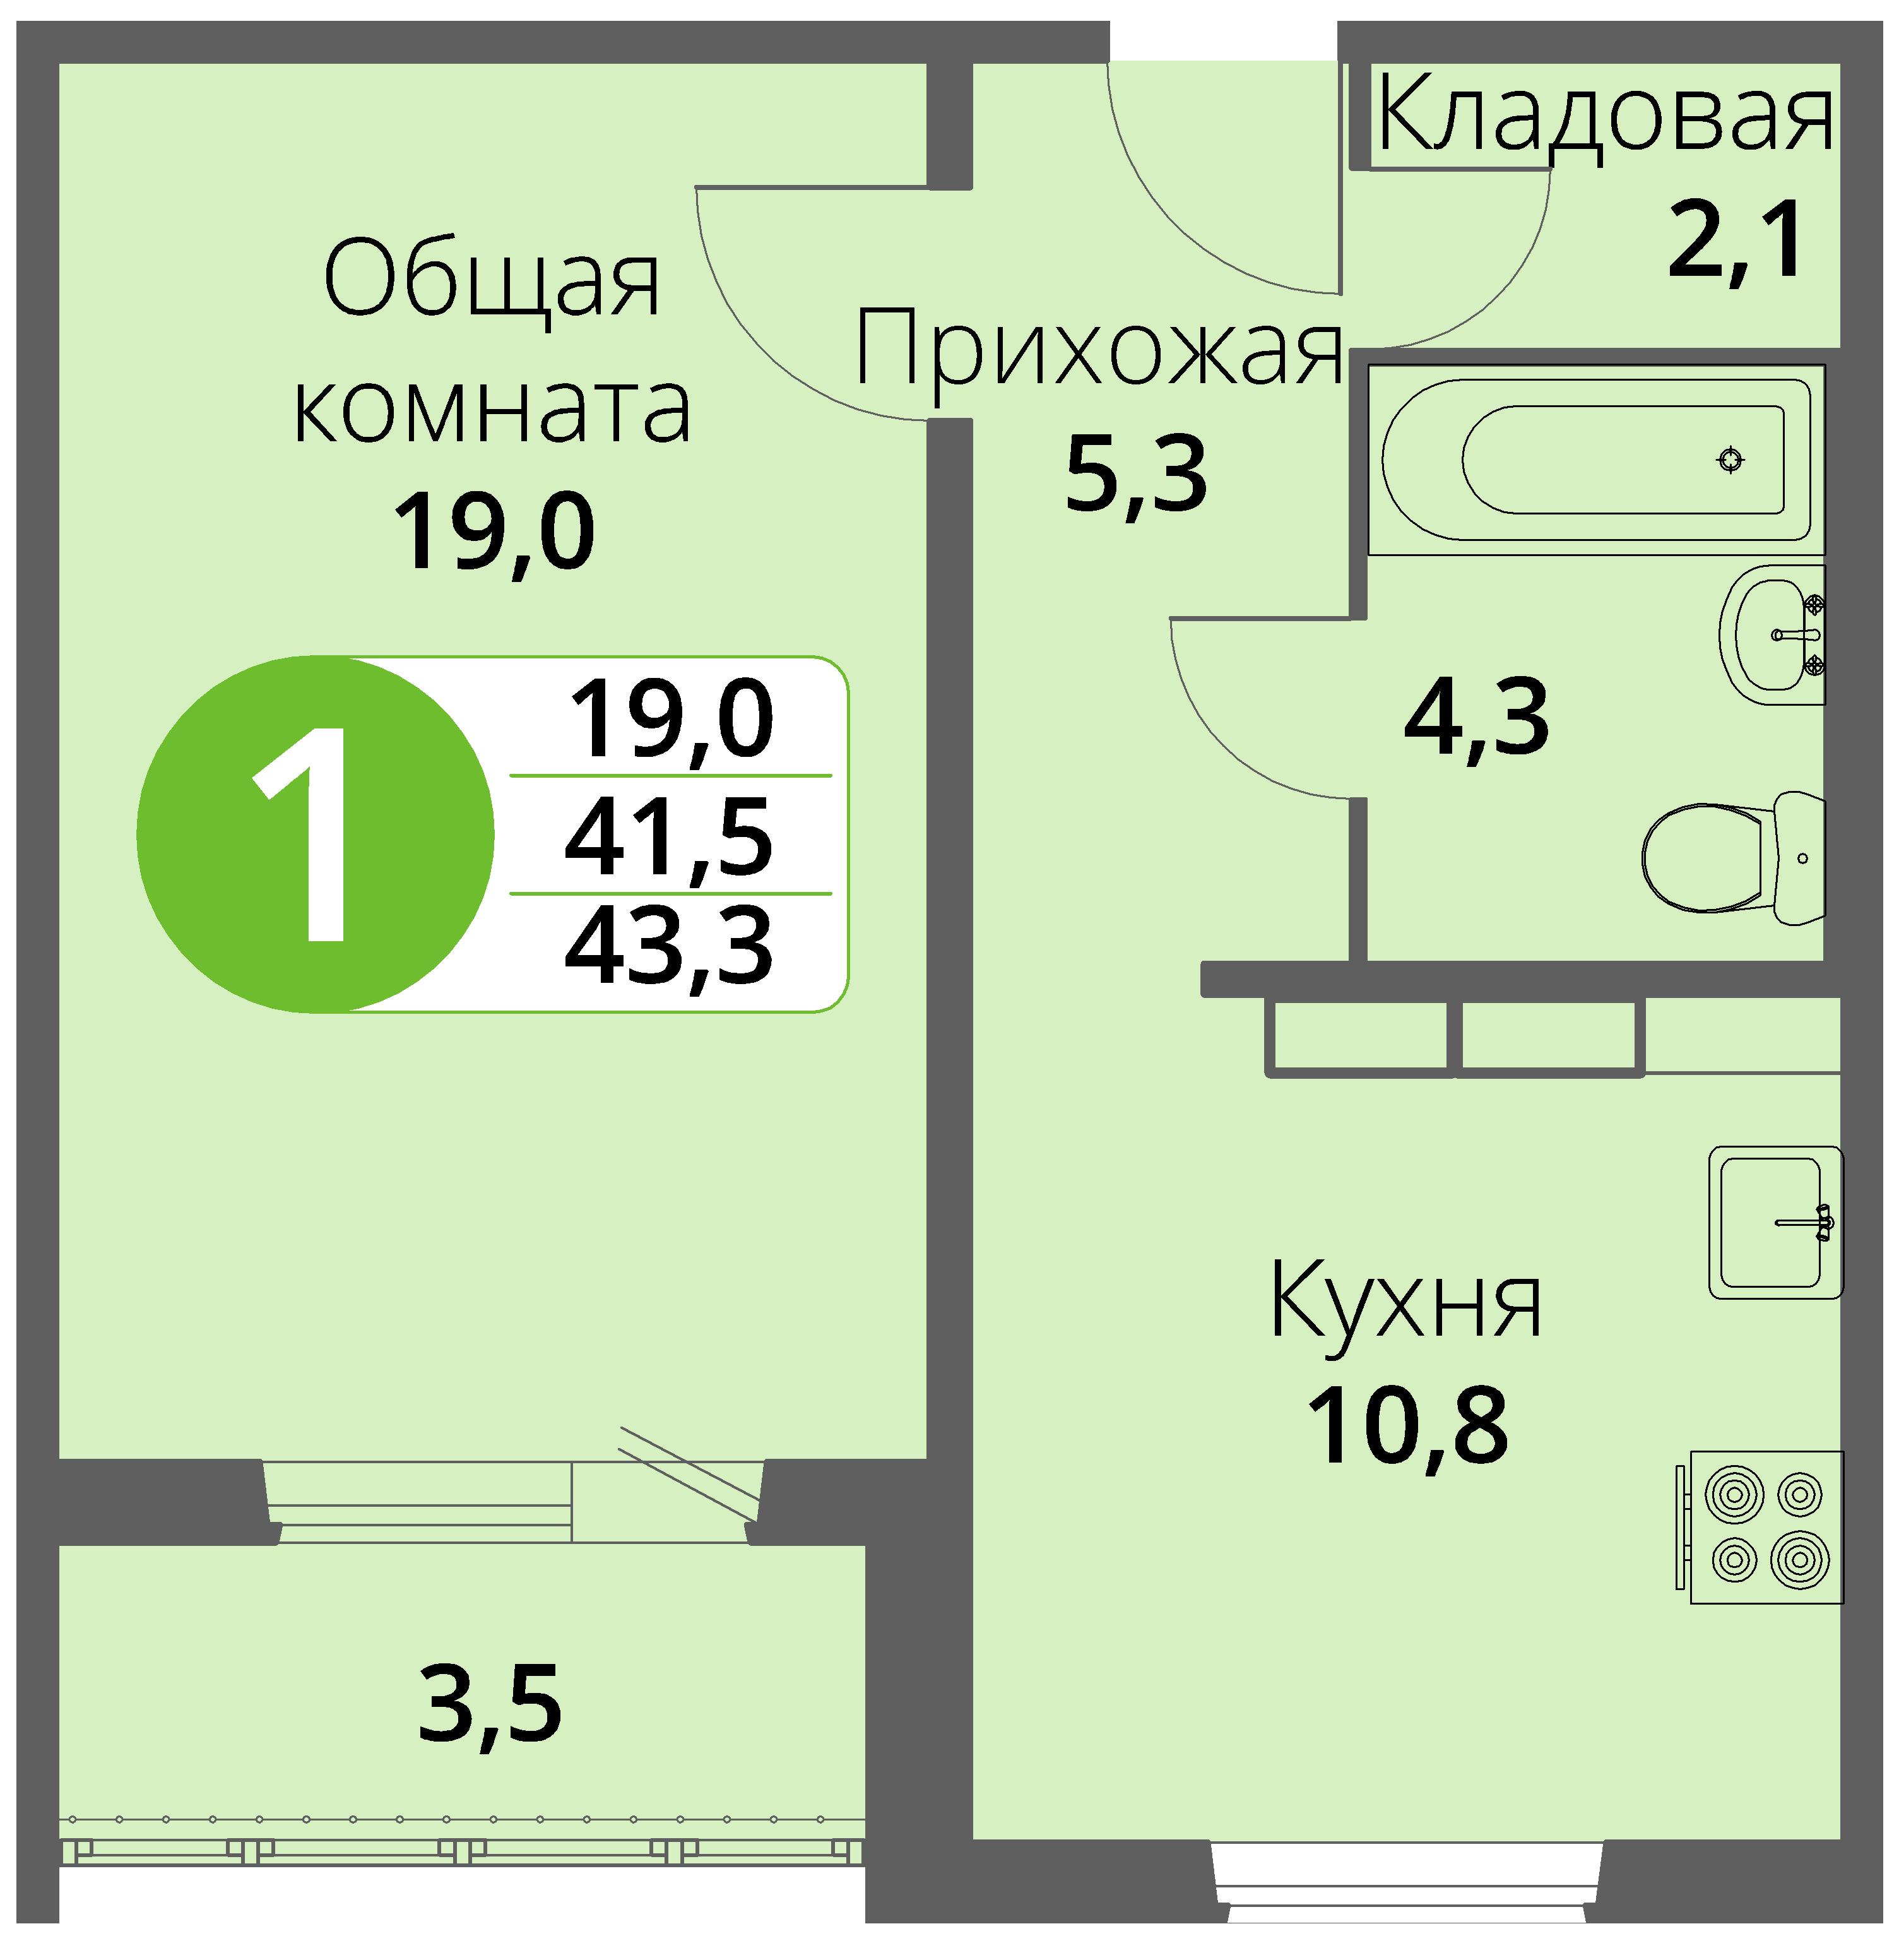 Зареченская 1-1, квартира 79 - Однокомнатная